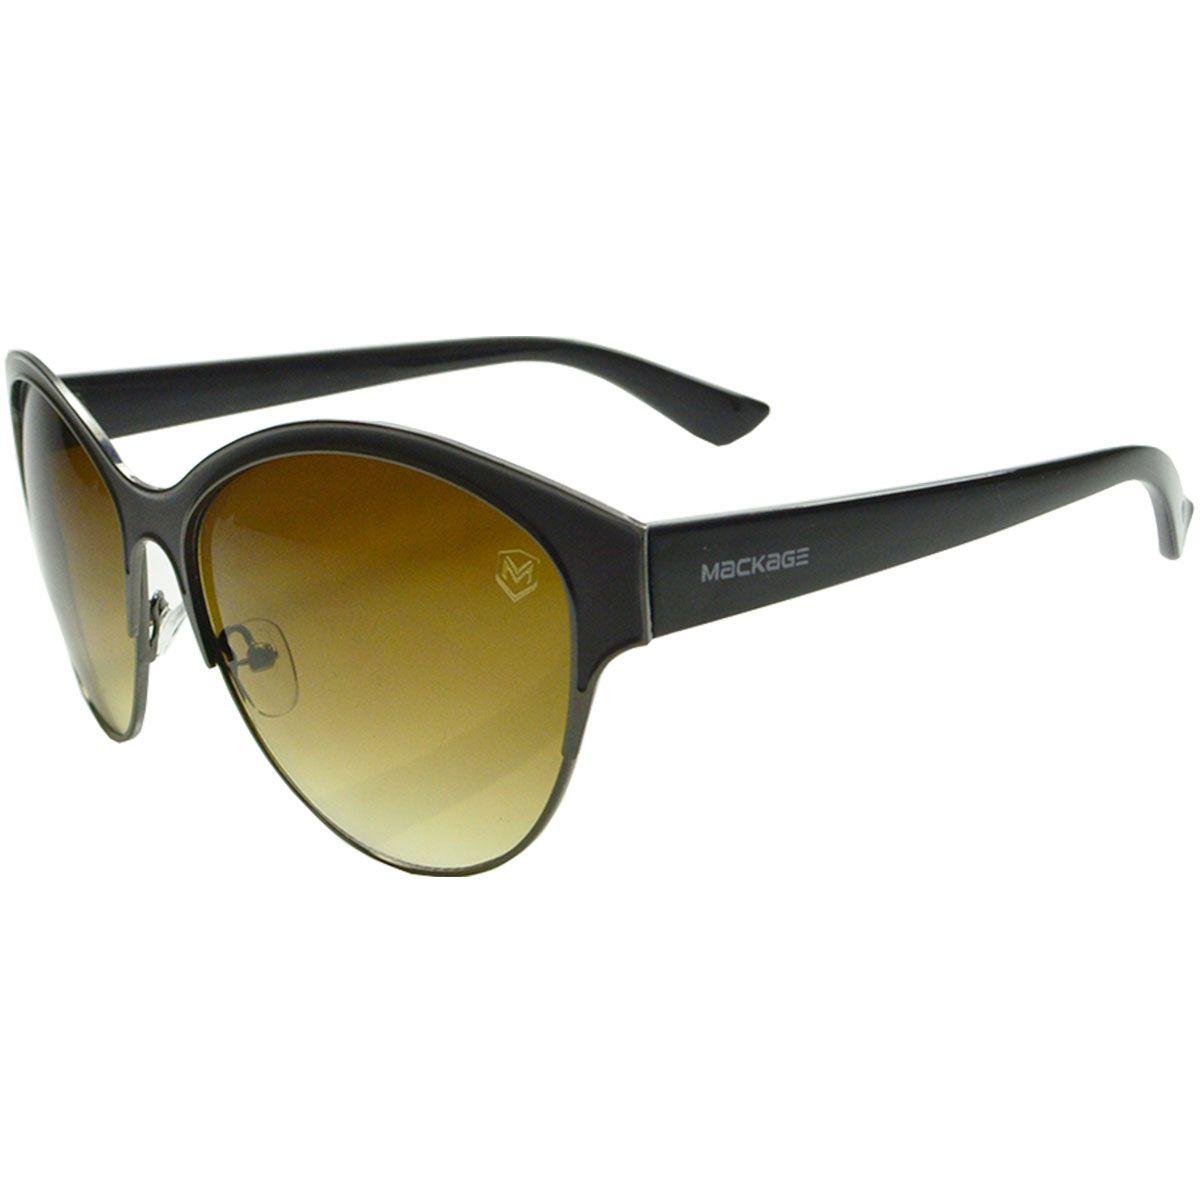 Óculos De Sol Mackage Feminino Metal/Acetato Redondo - Marrom